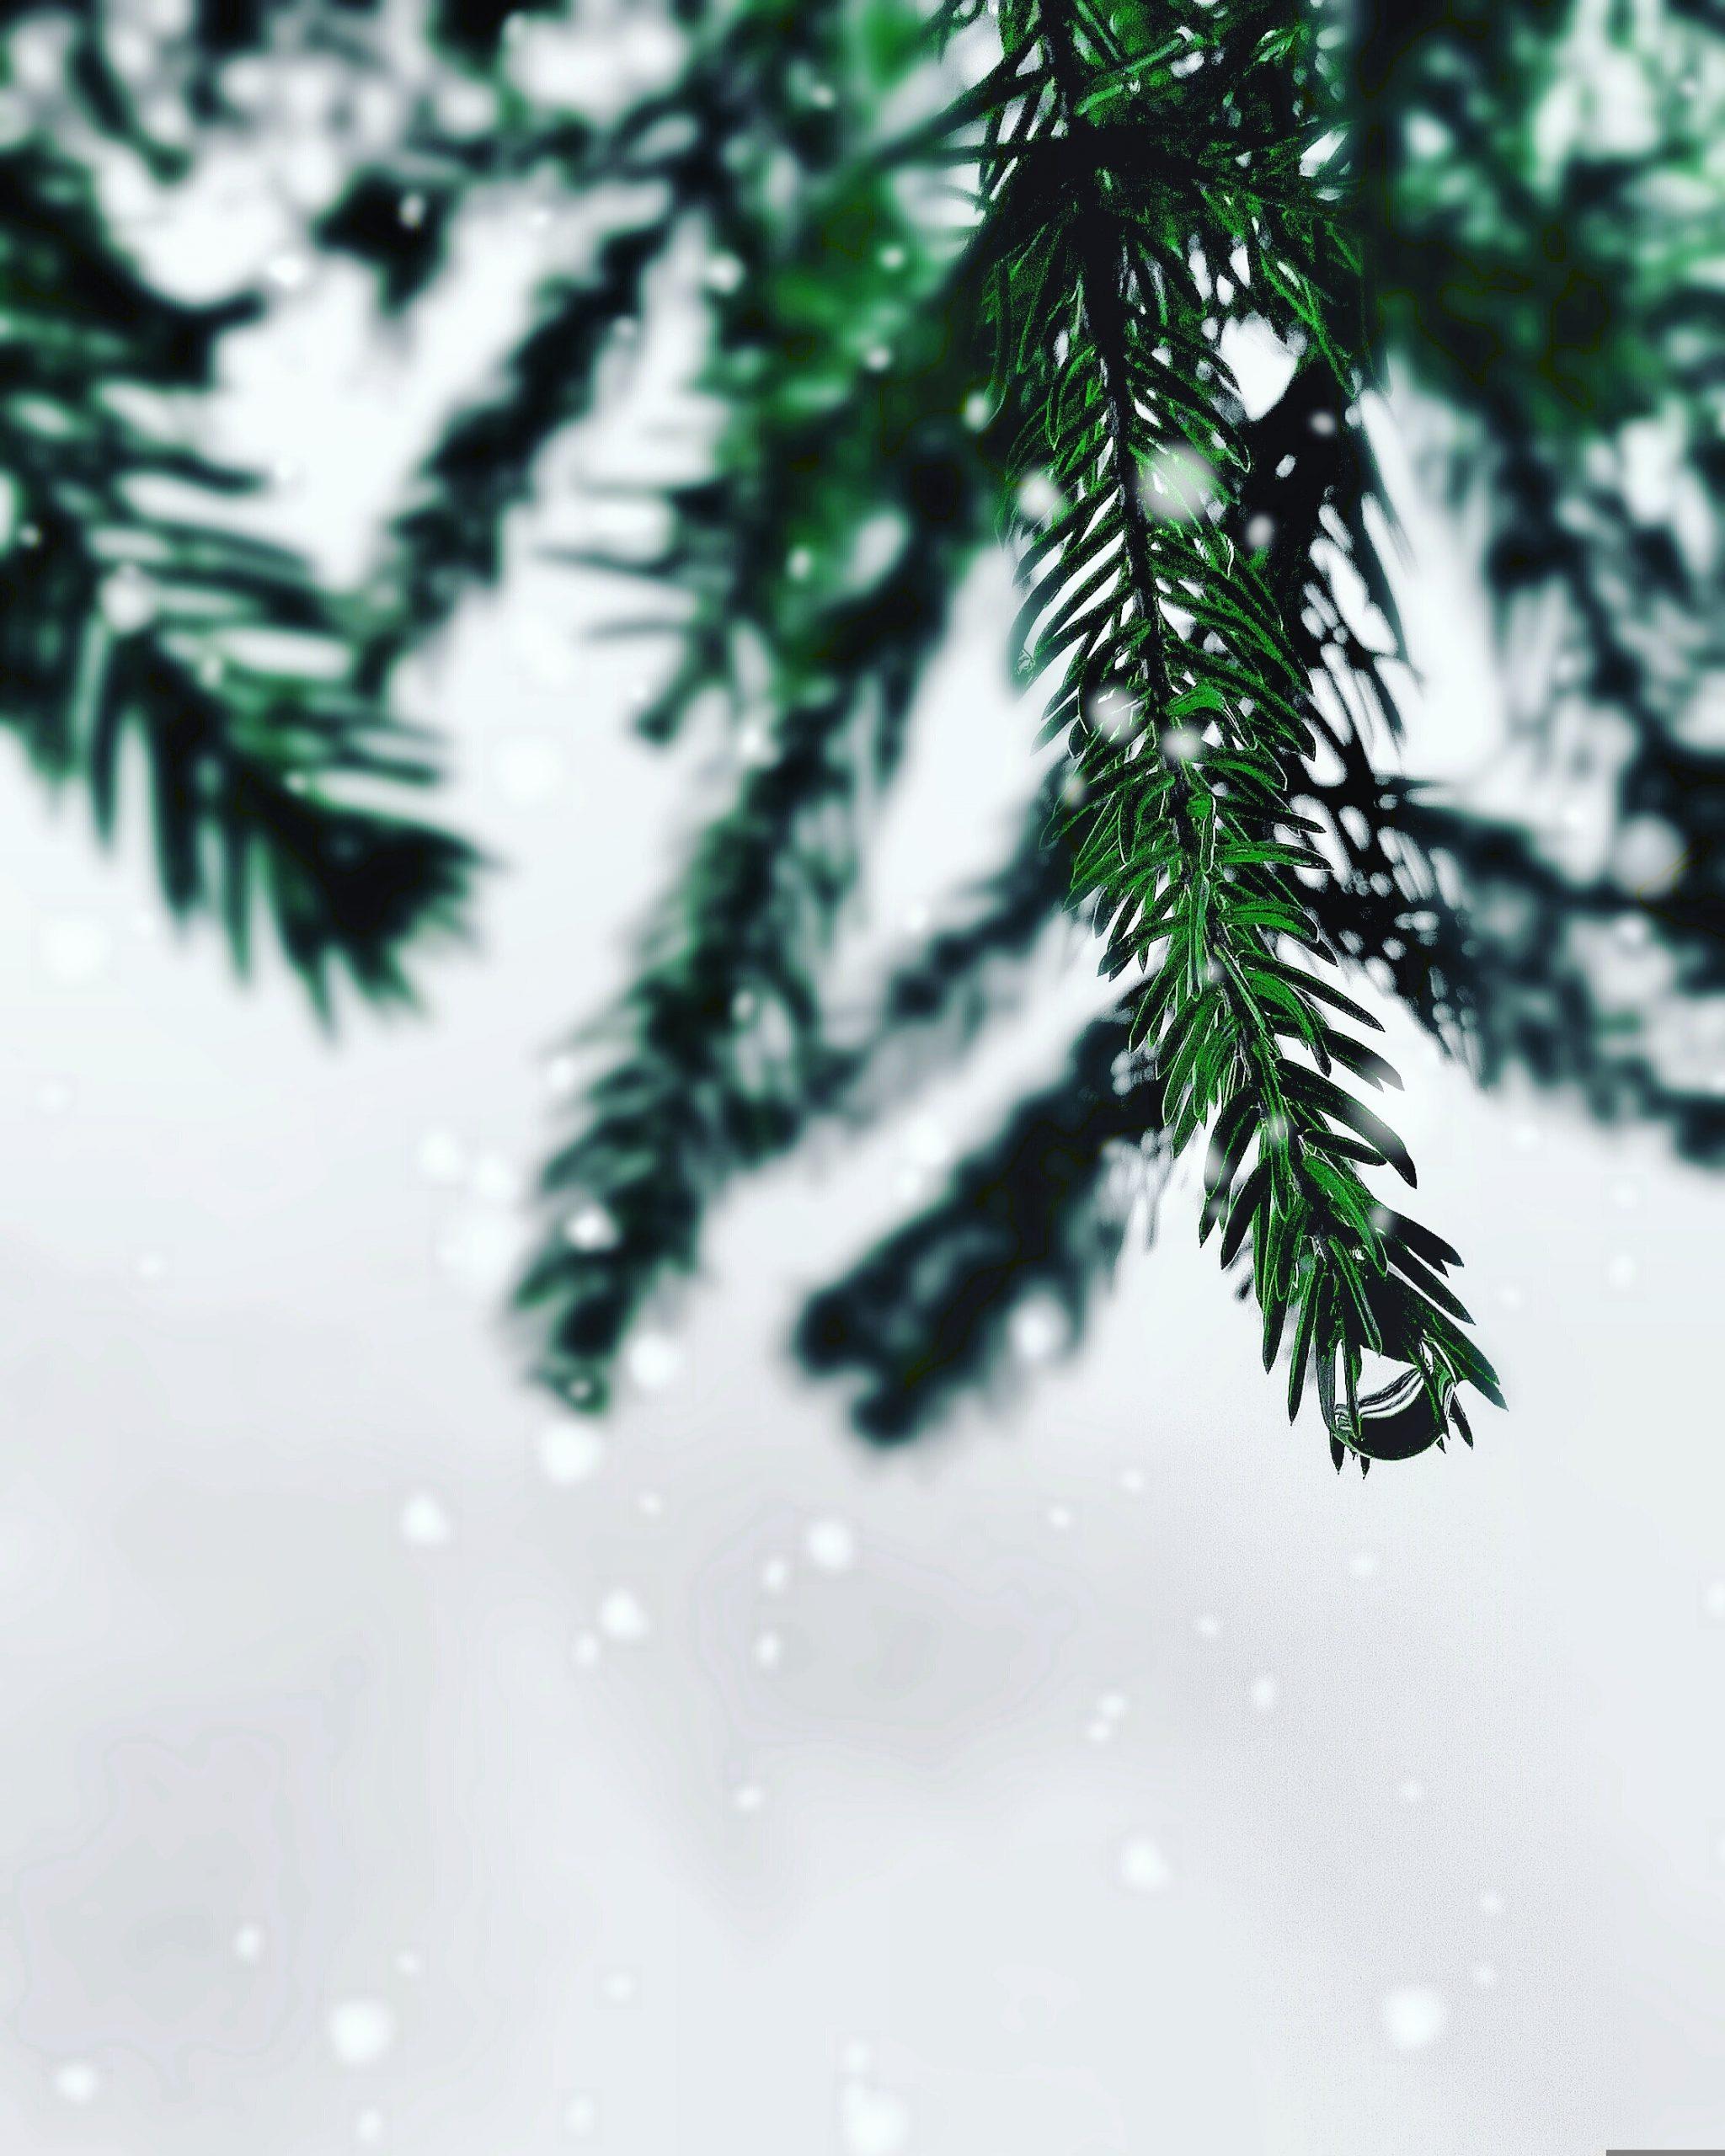 Vancouver Island Christmas Trees